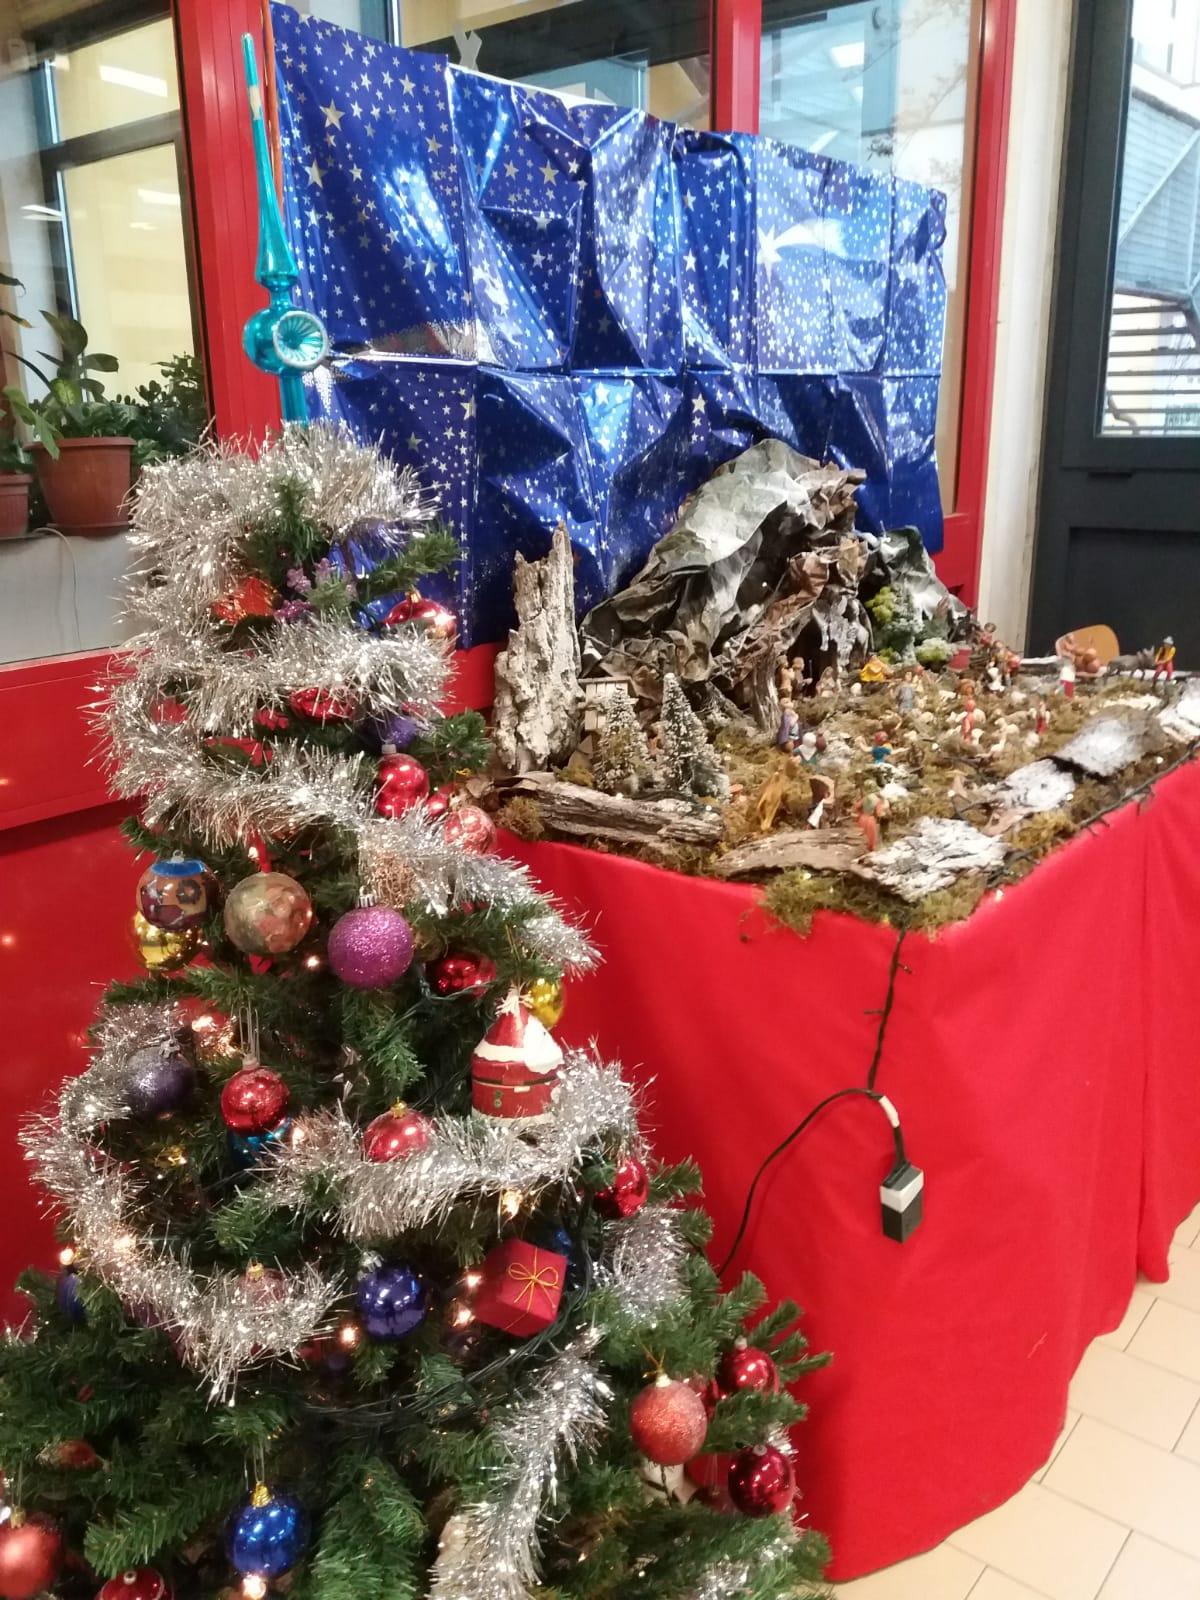 Buon Natale E Buone Feste Natalizie.I Nostri Migliori Auguri Di Buon Natale E Buone Feste Alunni